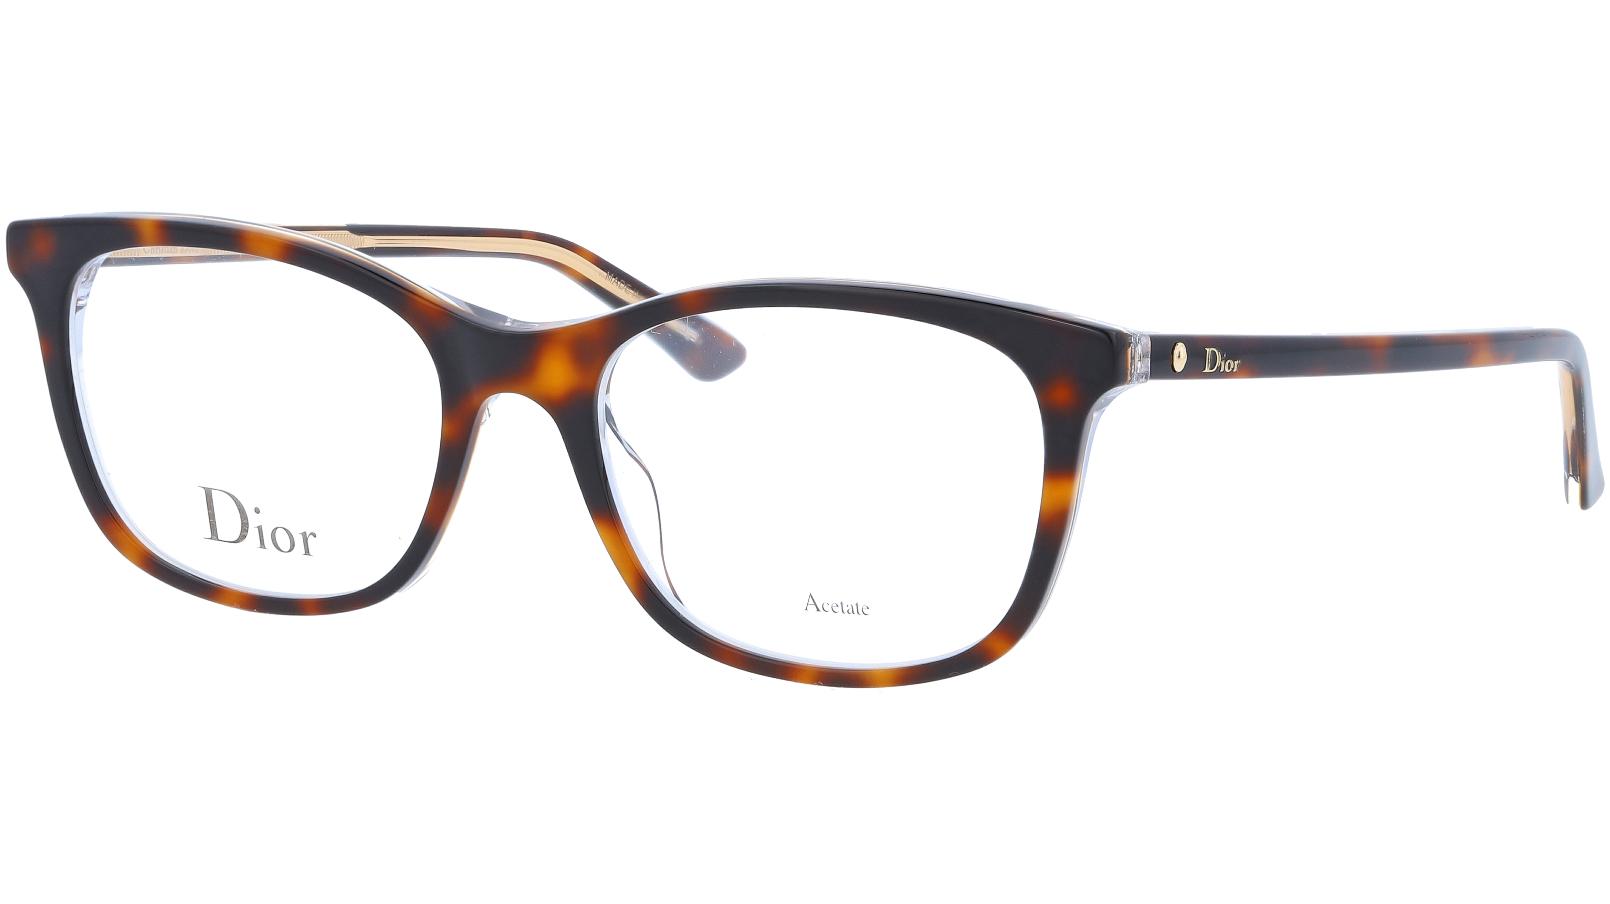 Dior MONTAIGNE18 G9Q 52 Havana Glasses